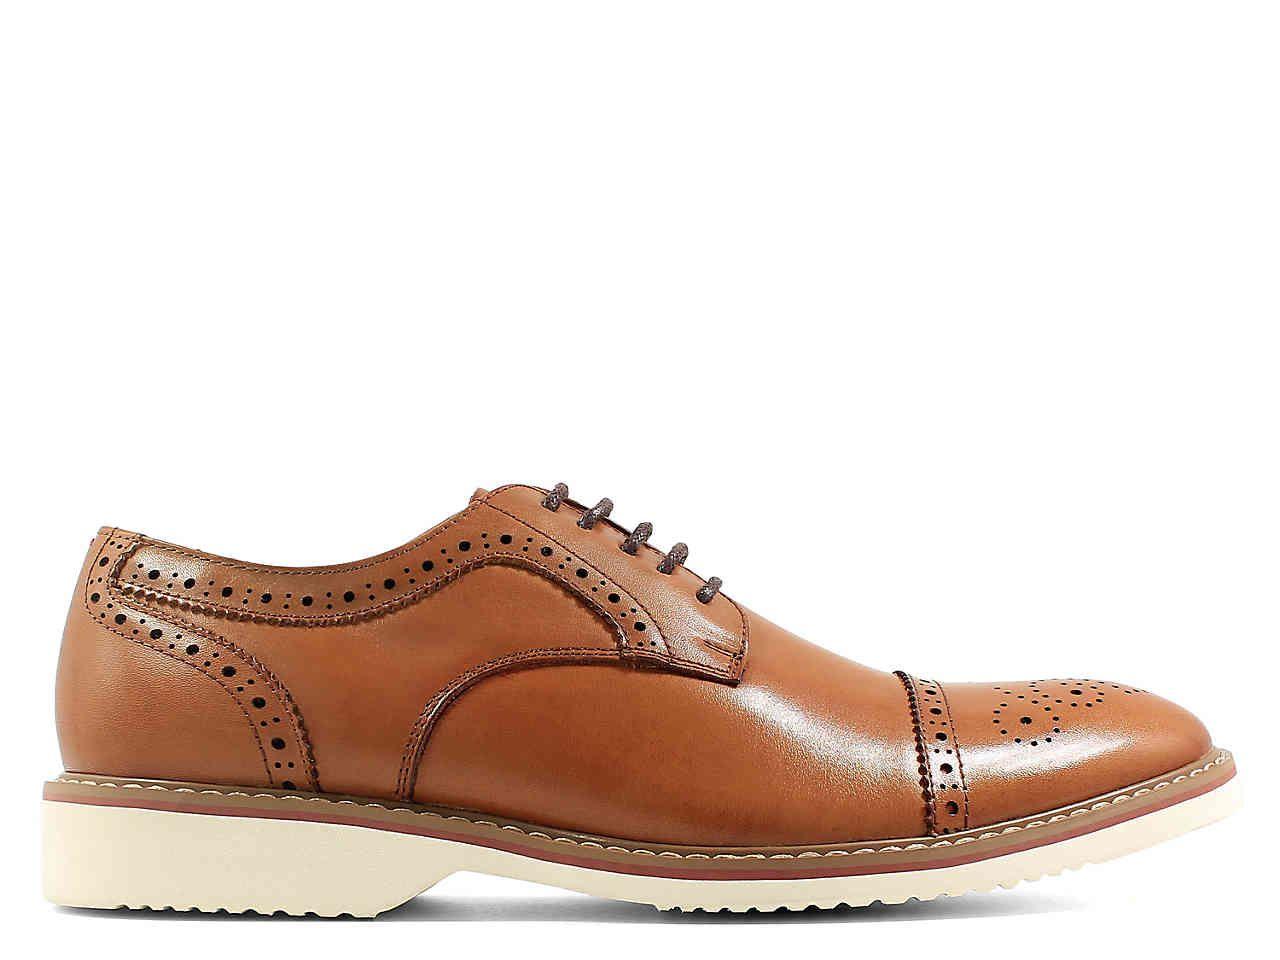 6c629f37ca1 Florsheim Union Cap Toe Oxford Men's Shoes | DSW | Zapatos | Shoes ...